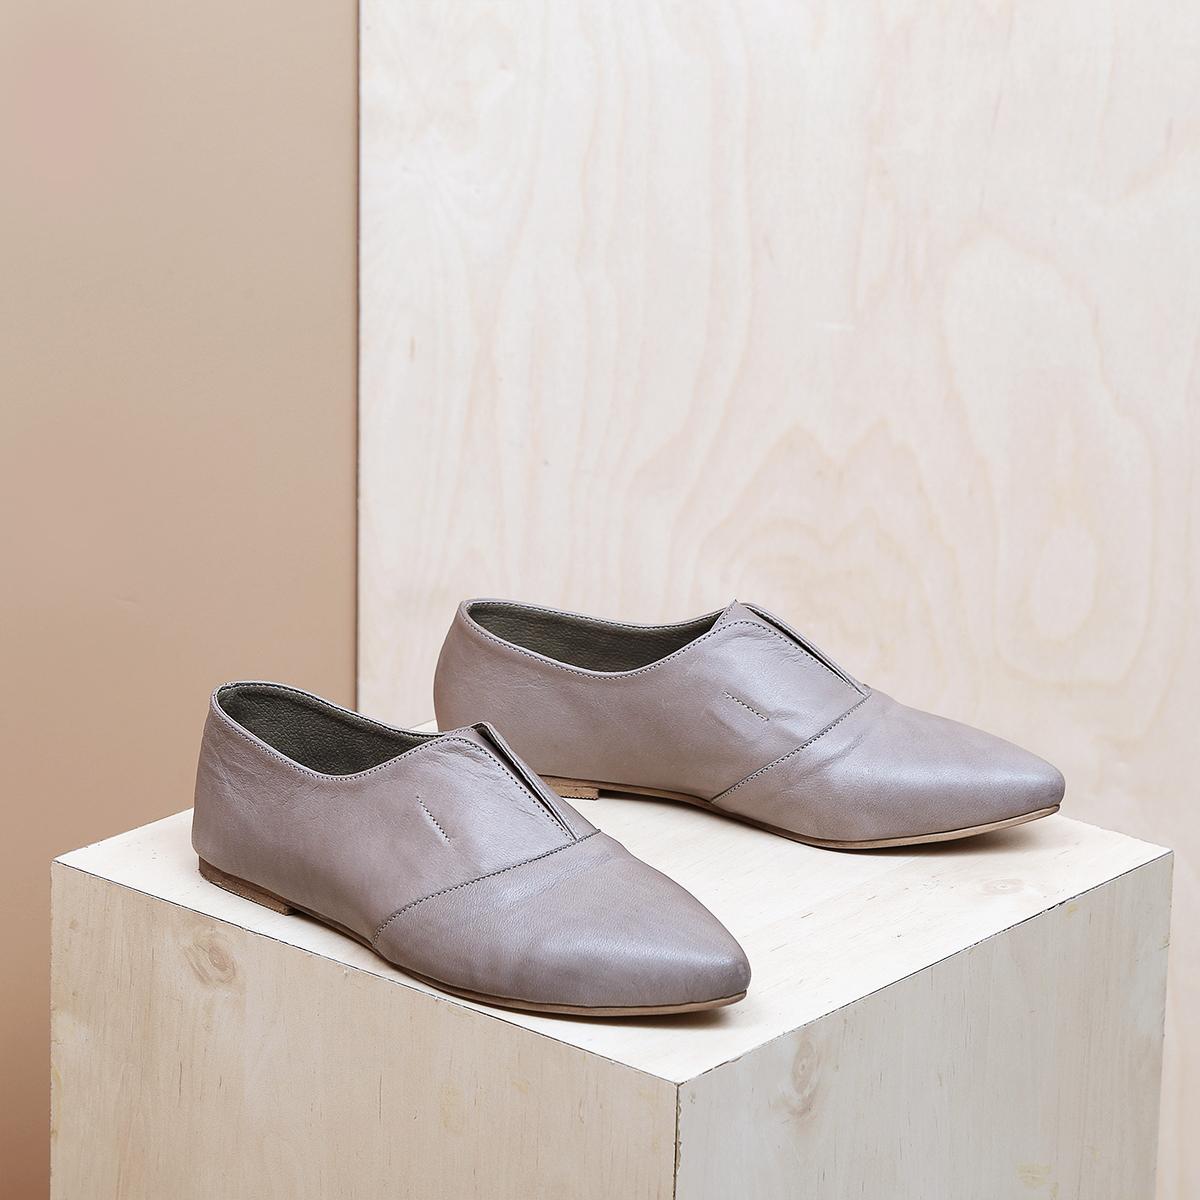 דגם דבלין: נעלי נשים בצבע טאופ